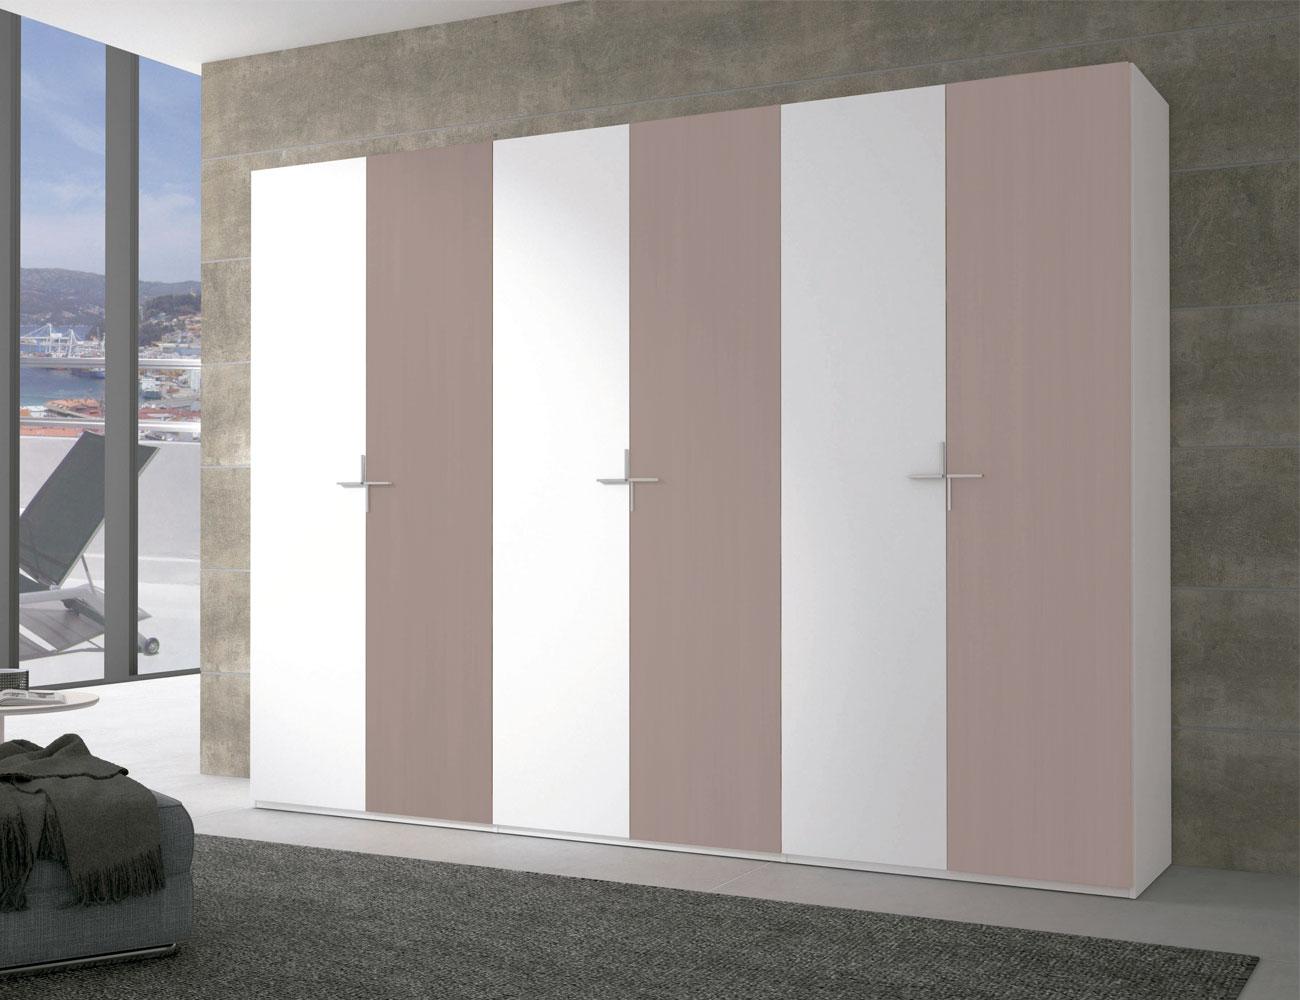 Armario puertas abatibles moka blanco8